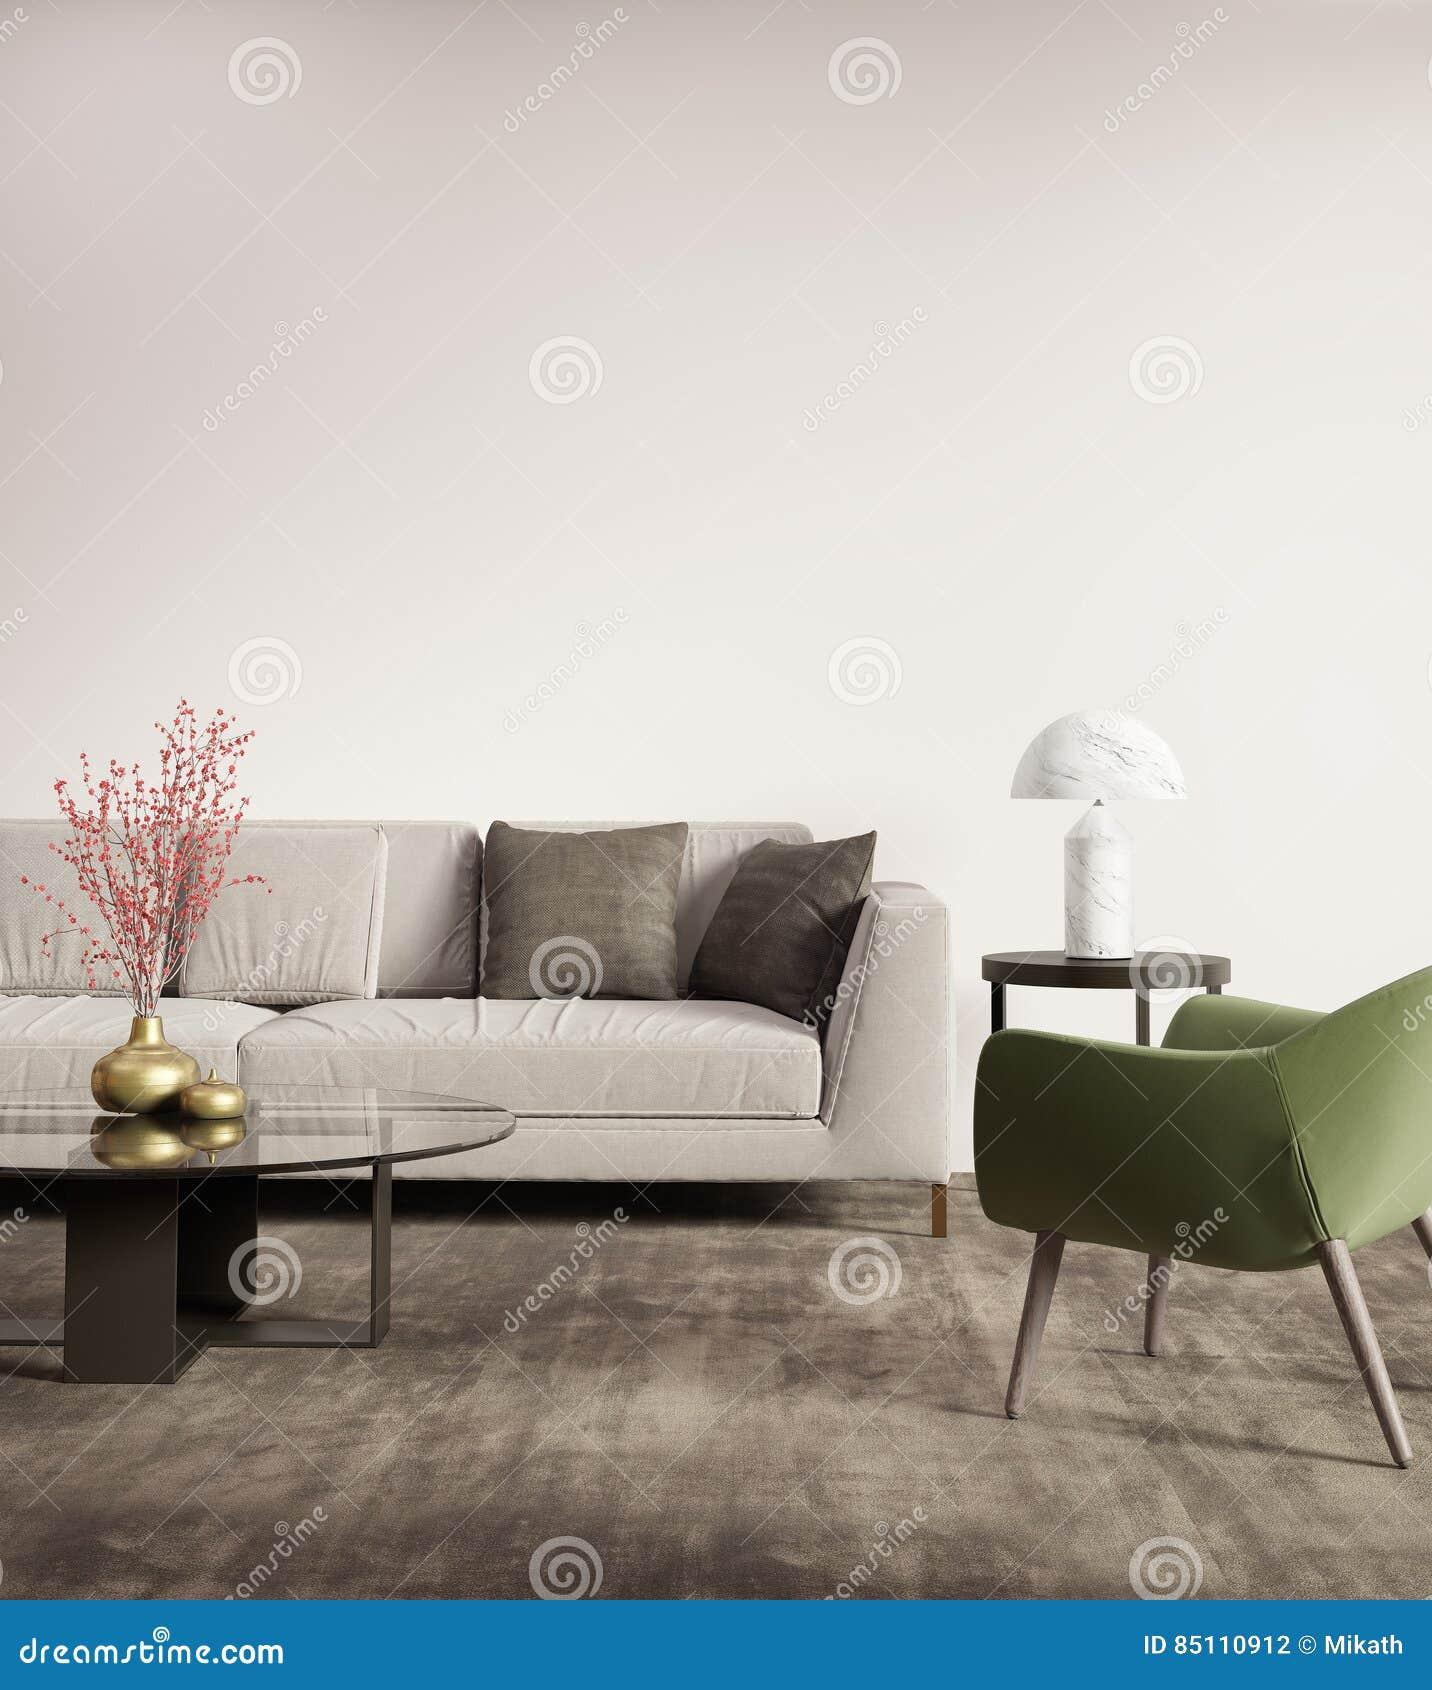 Salon Gris Contemporain Avec Le Fauteuil Vert Photo stock - Image du ...